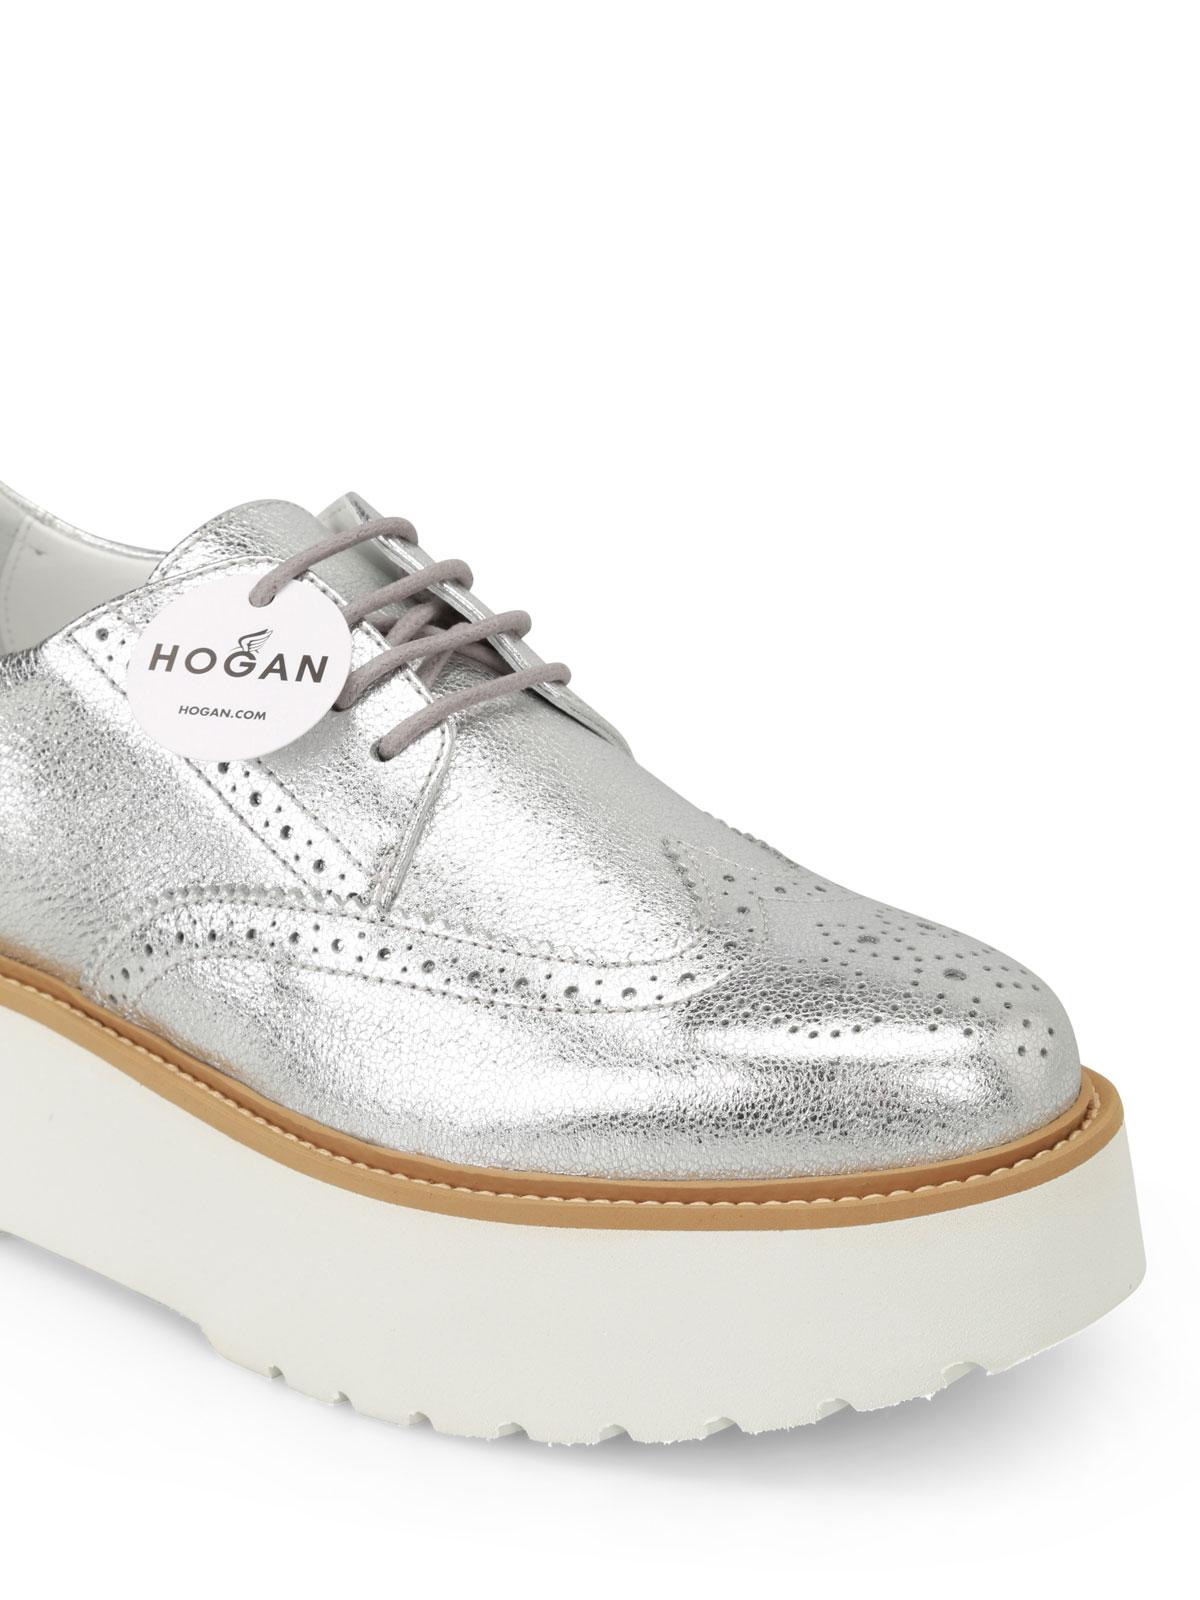 baskets pour pas cher fa860 6c952 Hogan - Chaussures à lacets - H355 - Chaussures à lacets ...